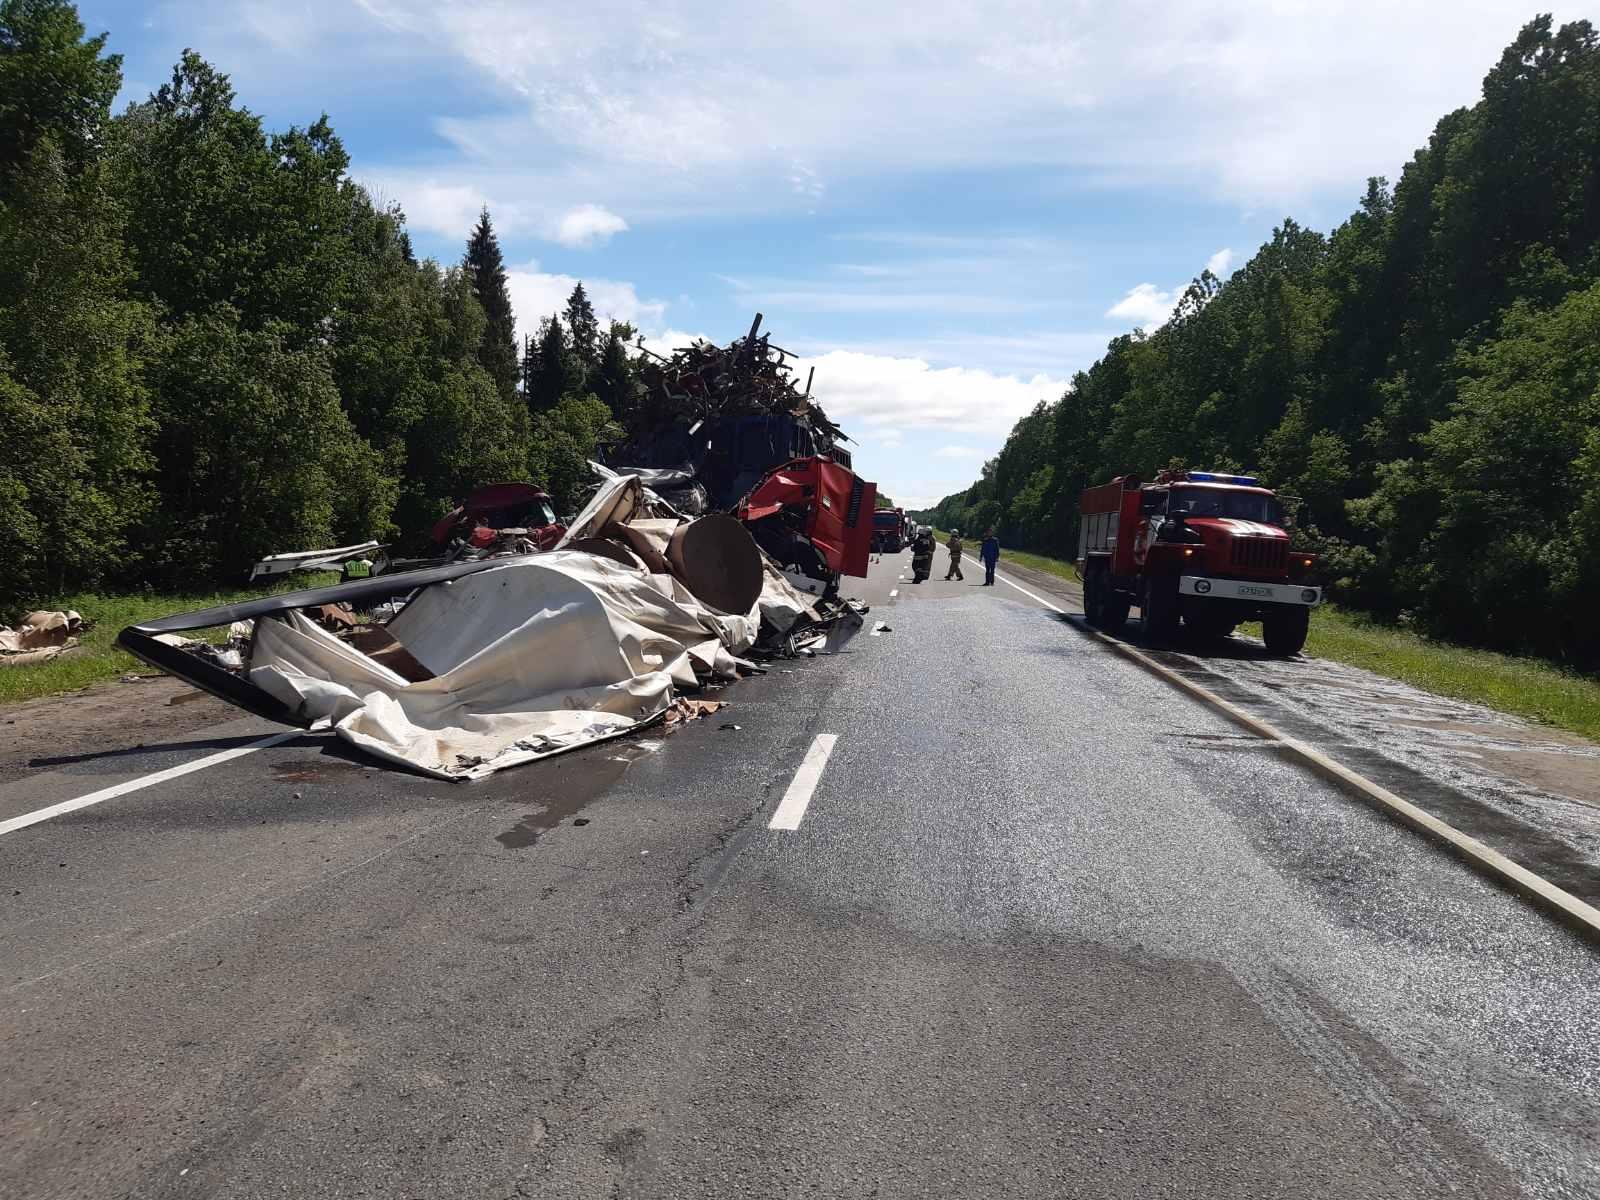 Мужчина получил травмы в лобовом столкновении грузовиков на трассе под Вологдой